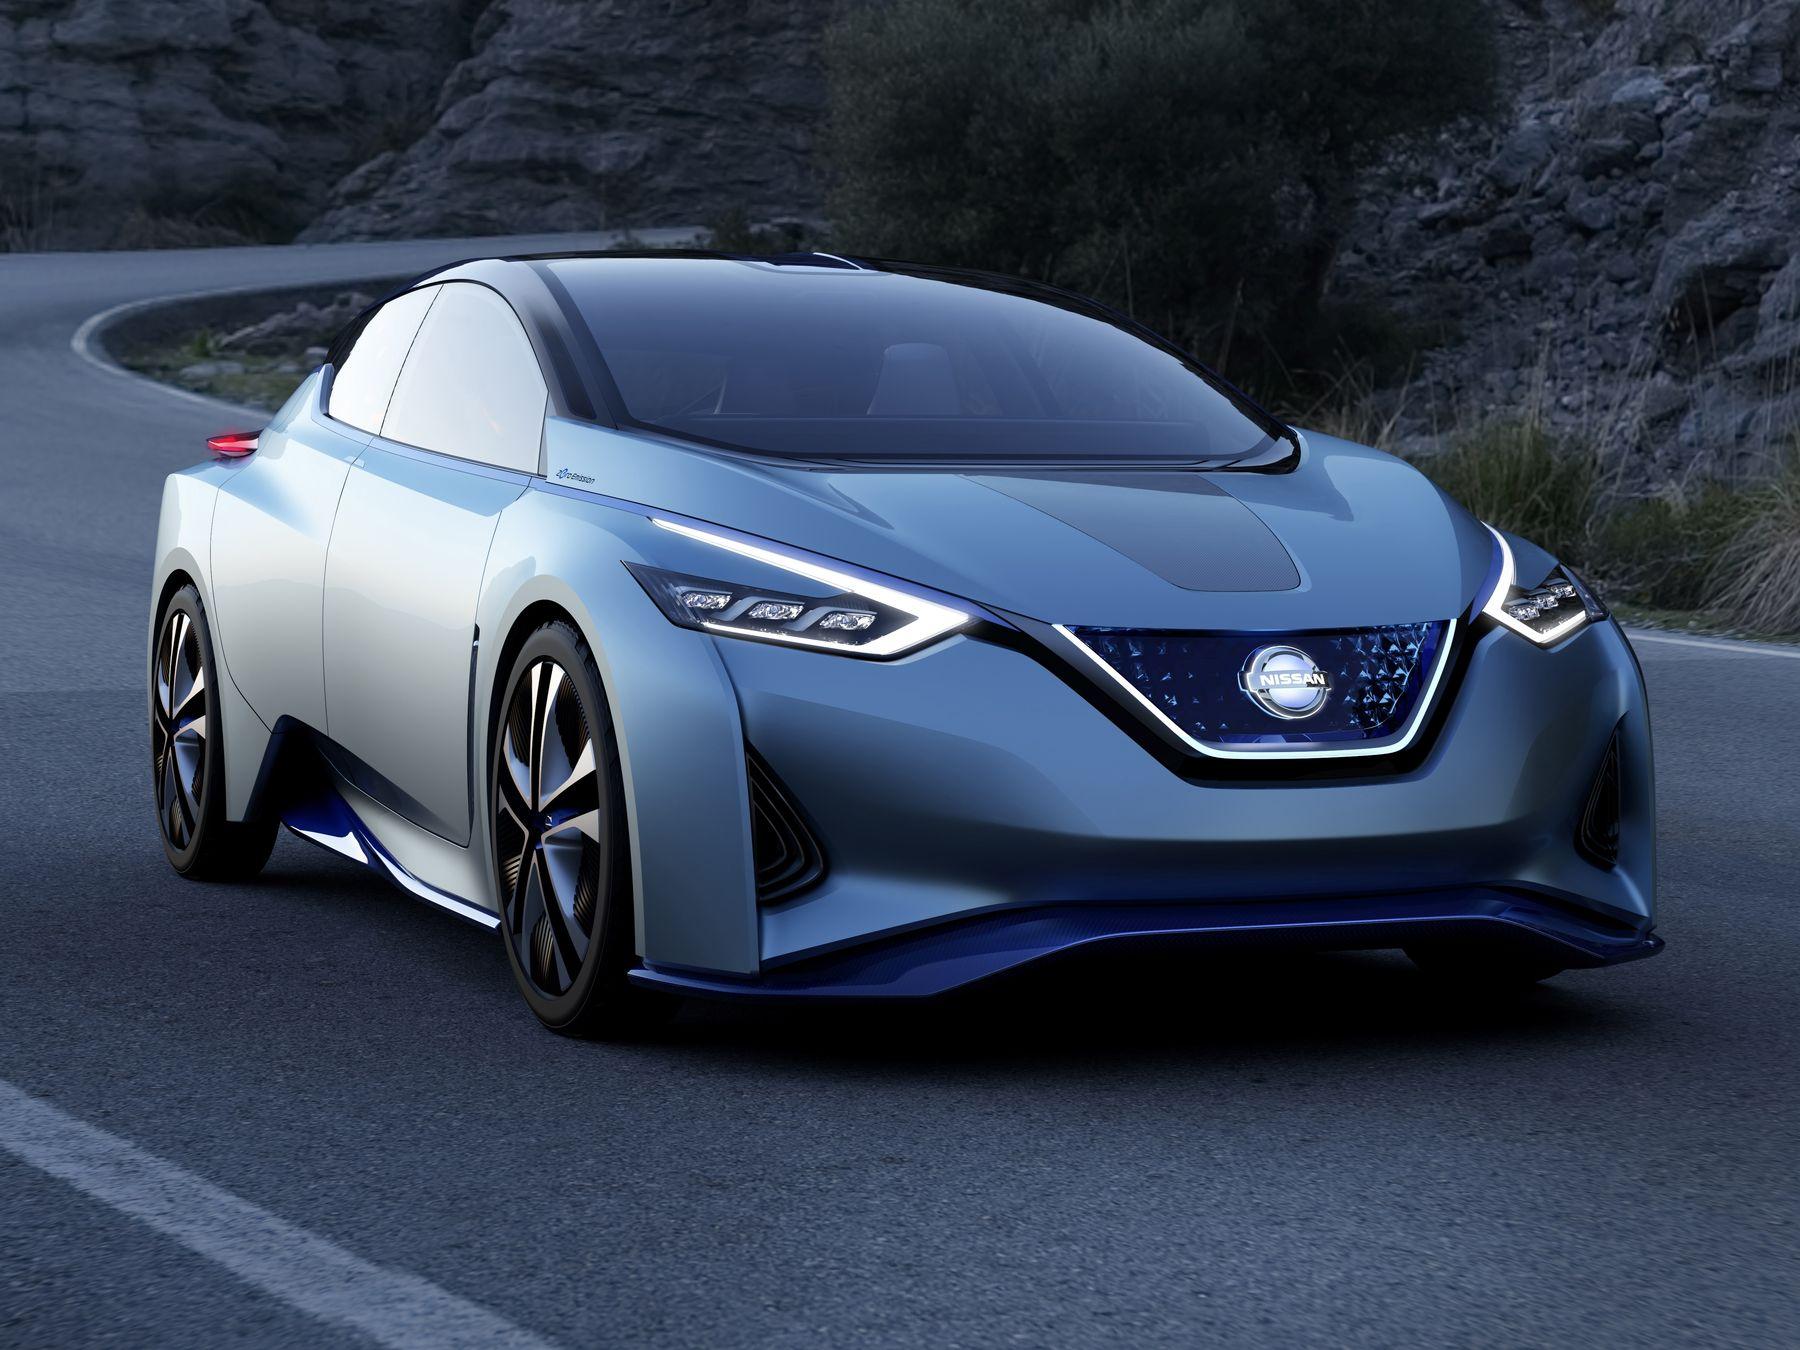 «Народный» электромобиль Nissan Leaf получил европейский ценник 2